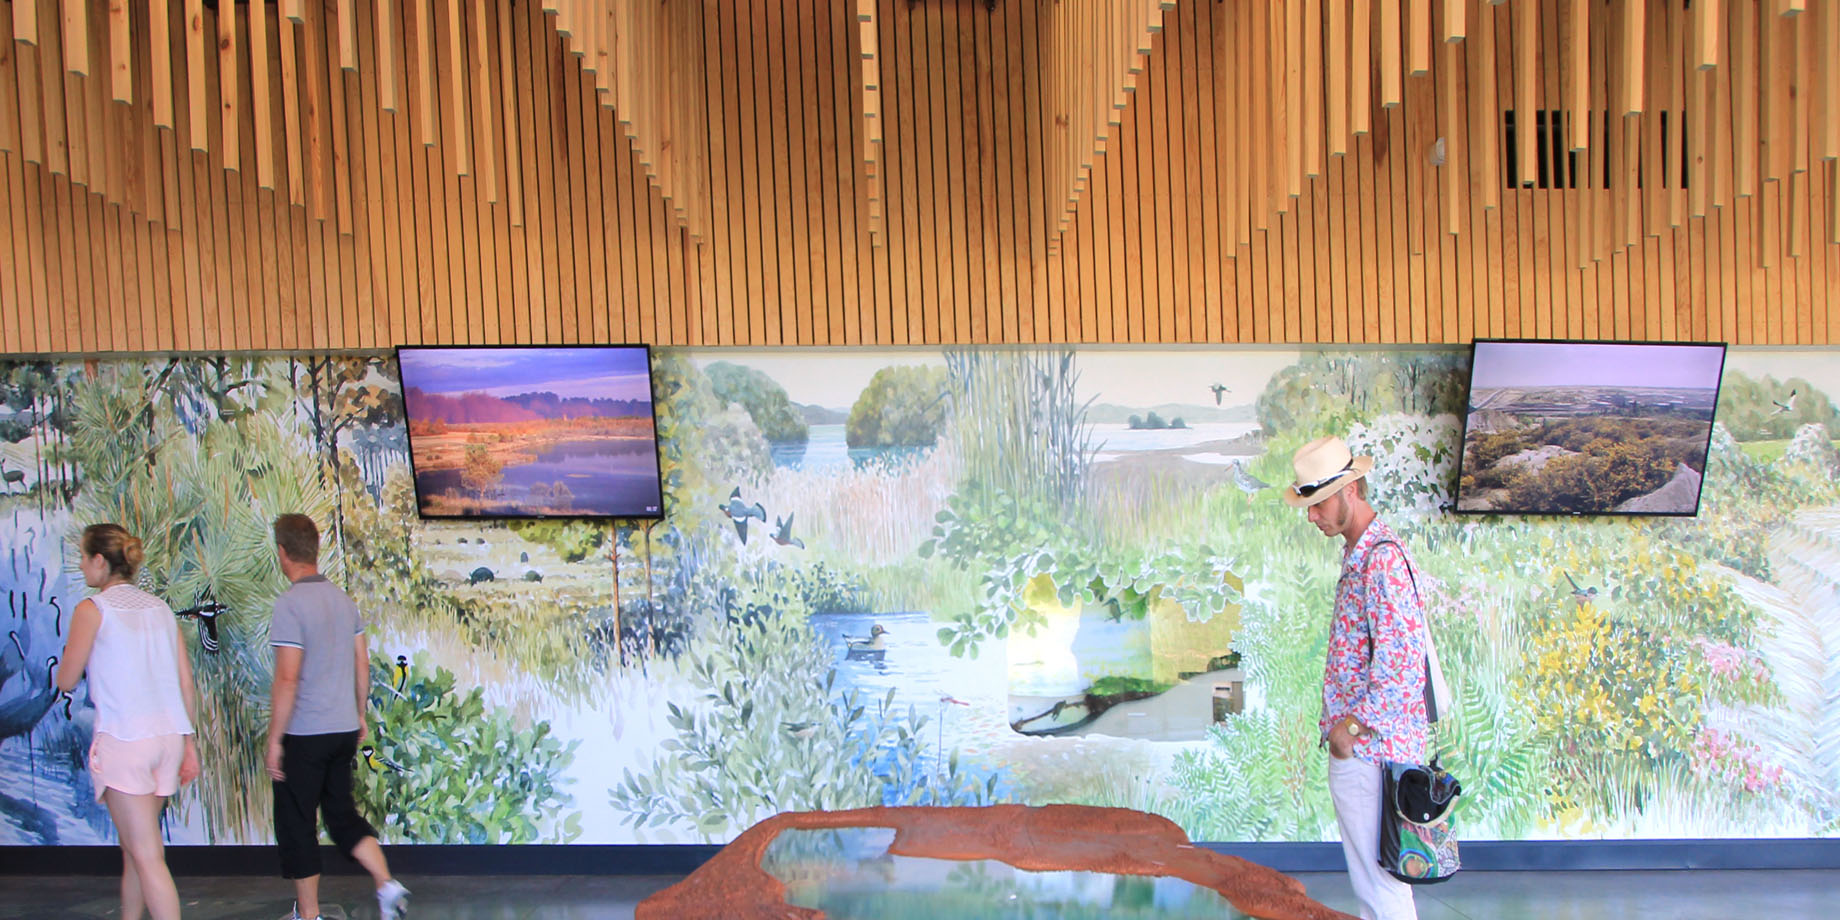 maskarade-scenographie-arjusanx-maison-de-site-loisir-industrielle-fresque-murale